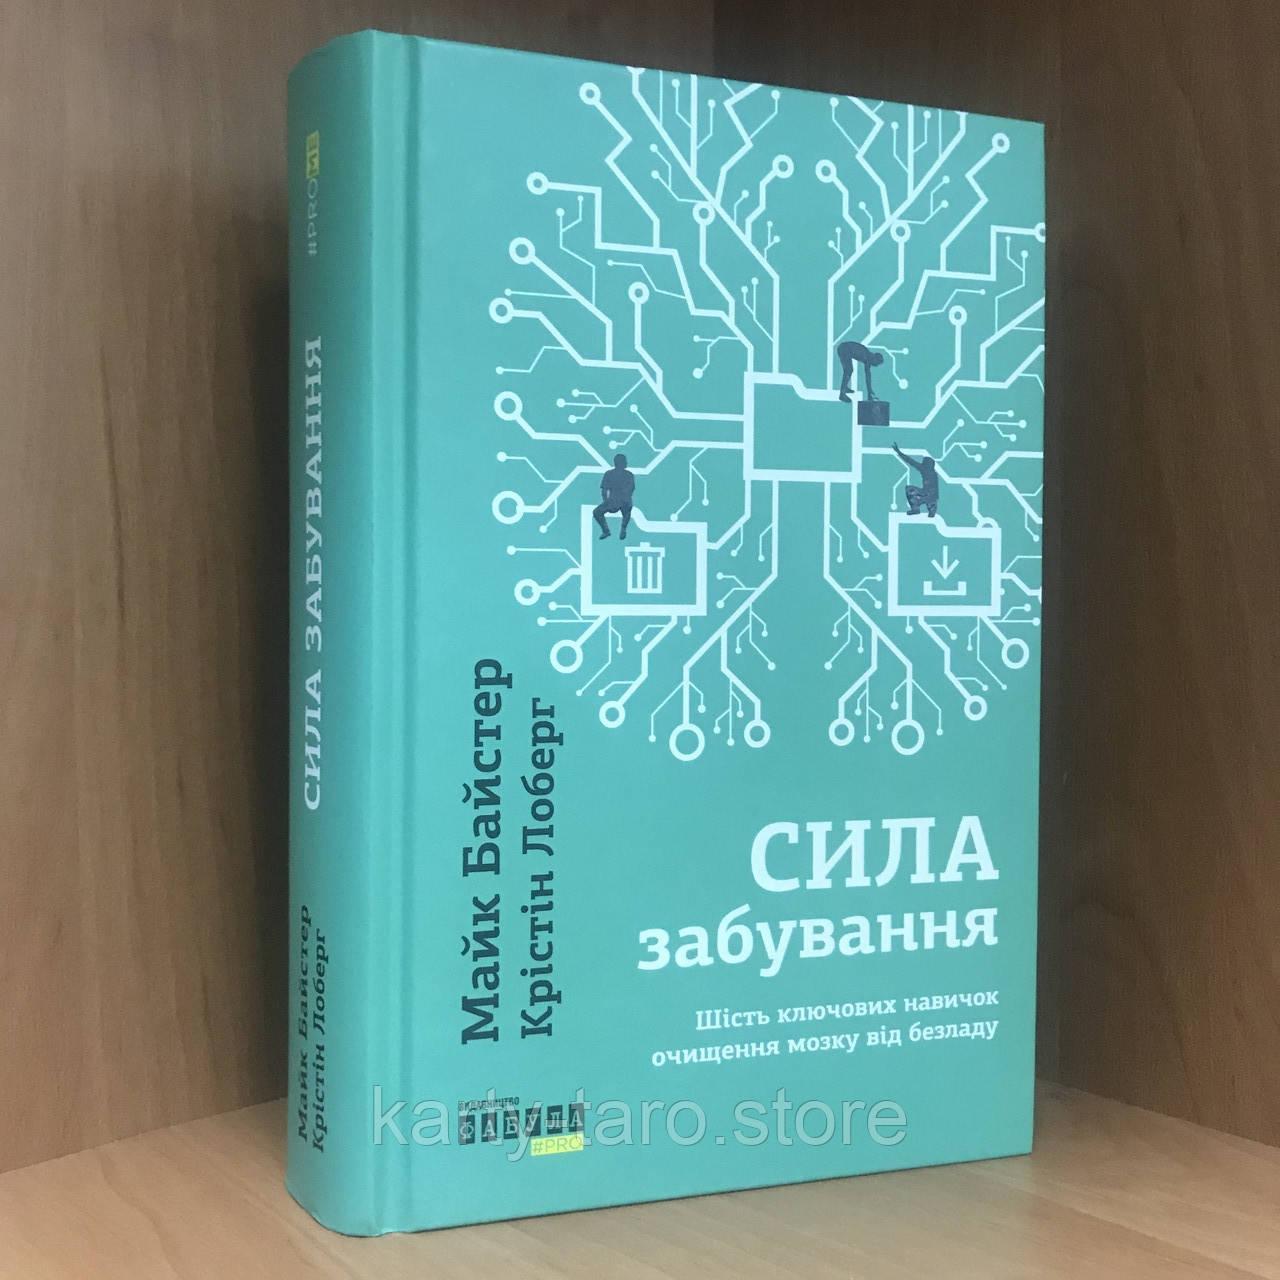 Книга Сила забування - Крістін Лоберг, Майк Байстер